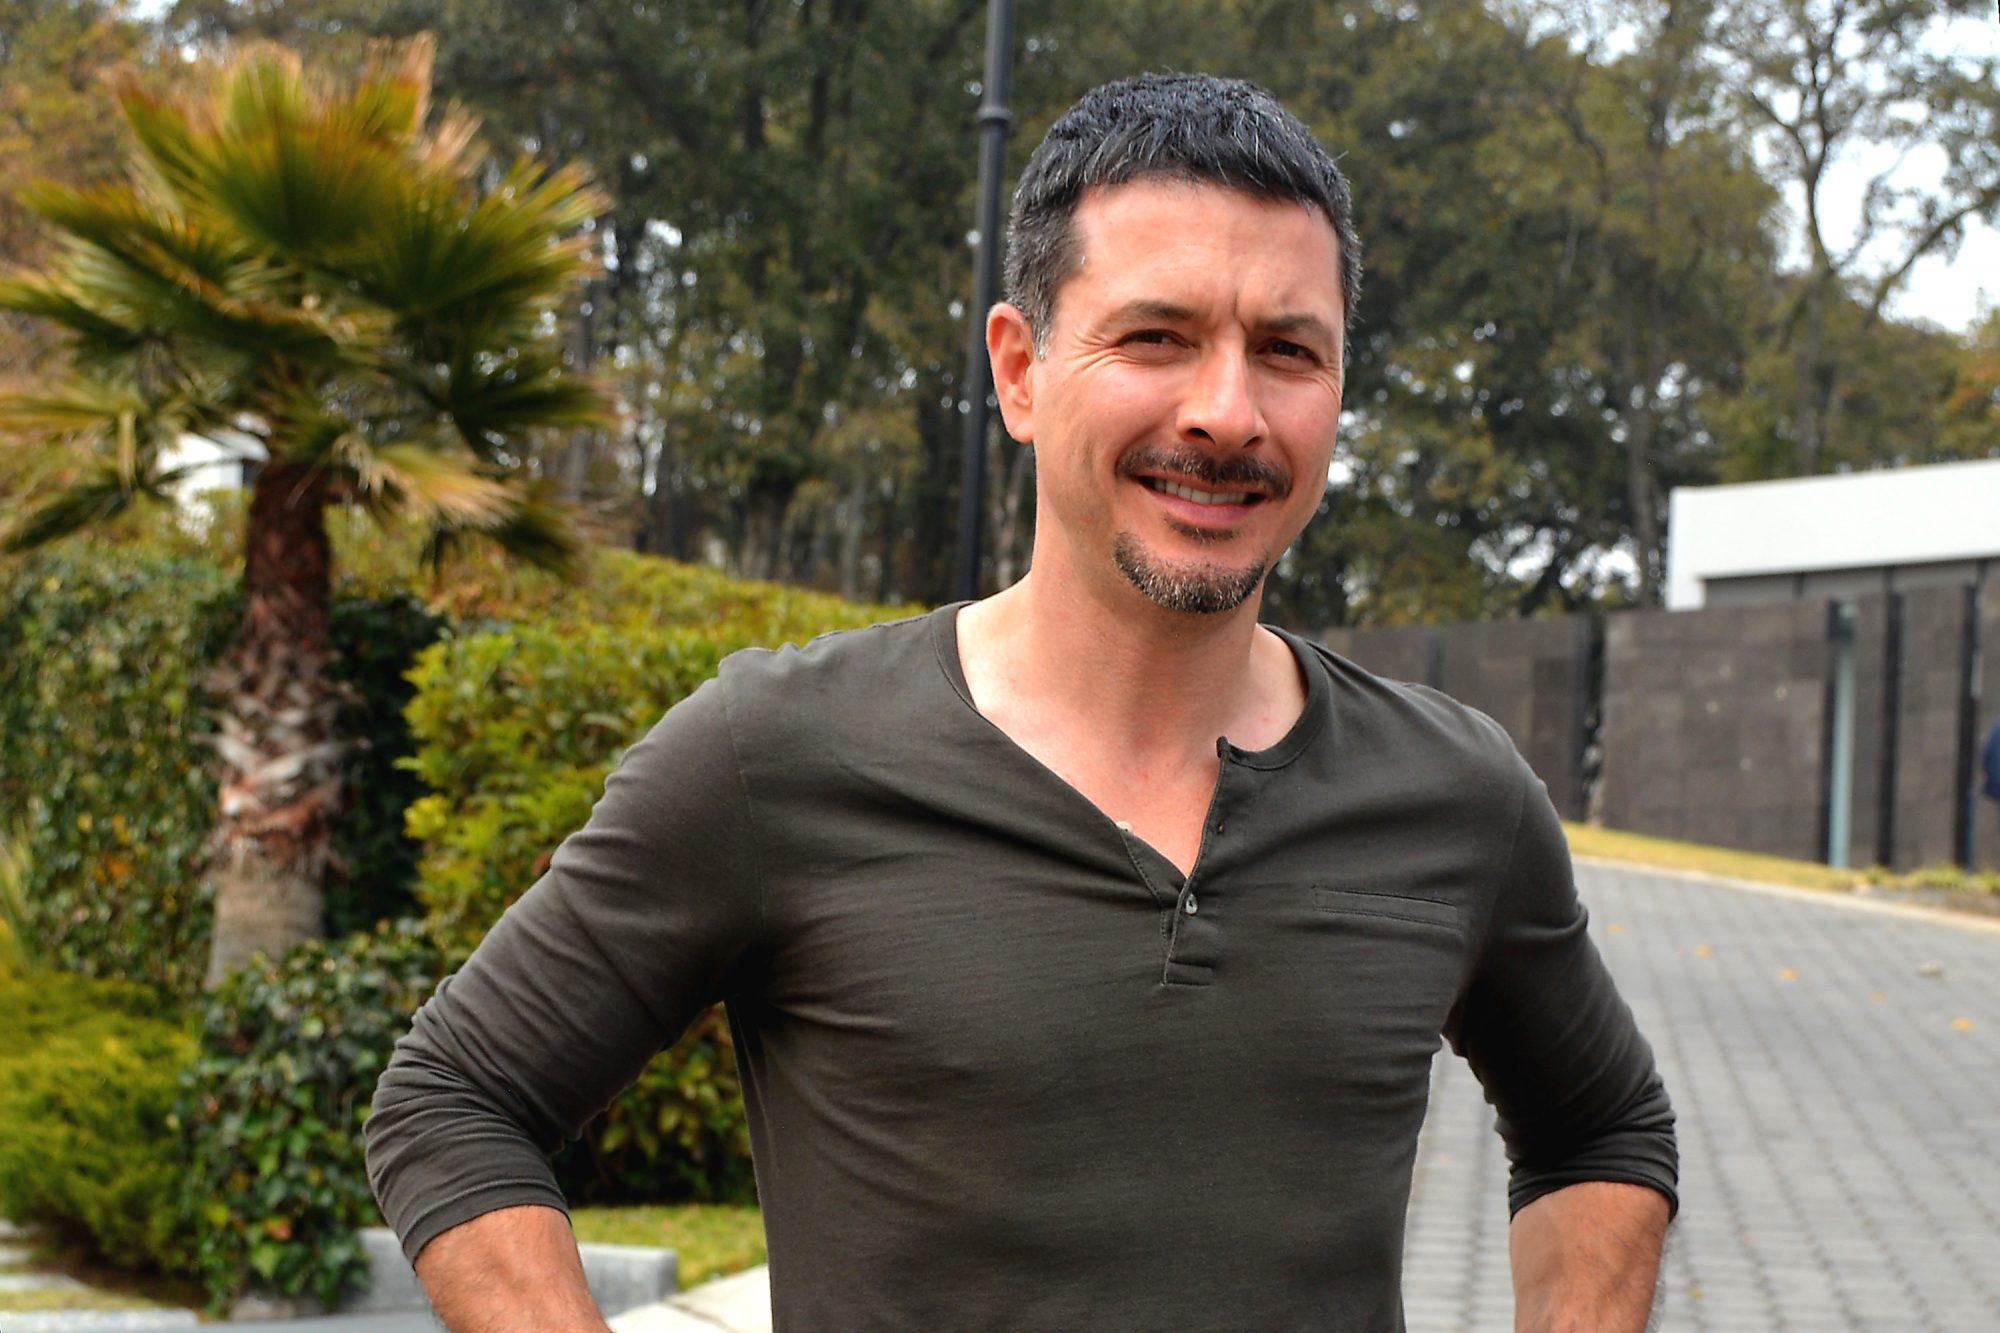 Raul Méndez